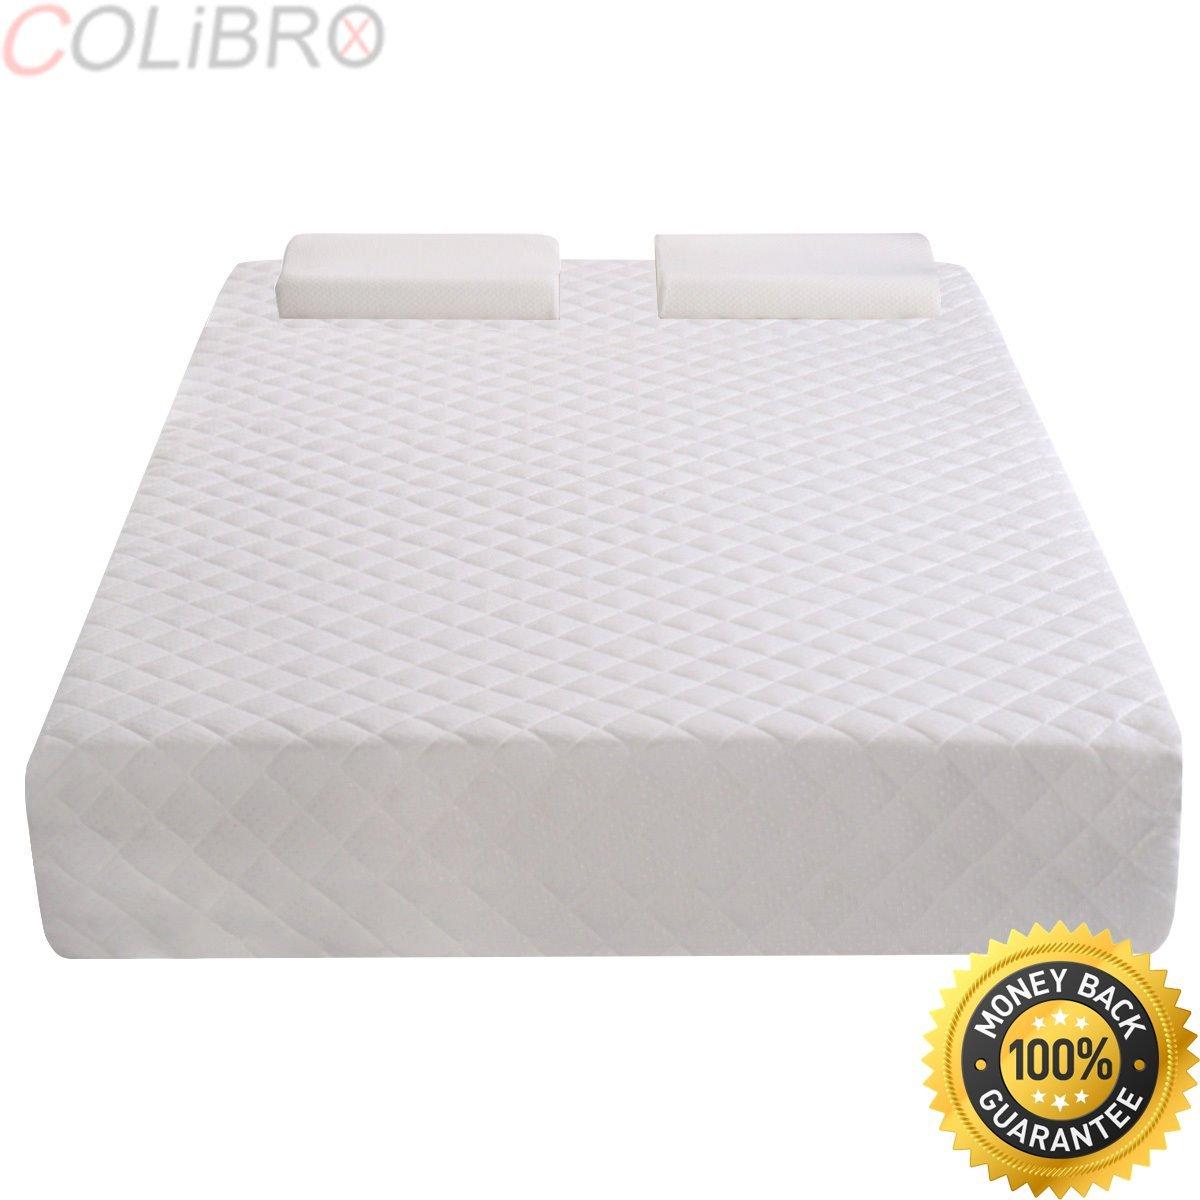 Cheap Foam Mattress Walmart, find Foam Mattress Walmart deals on